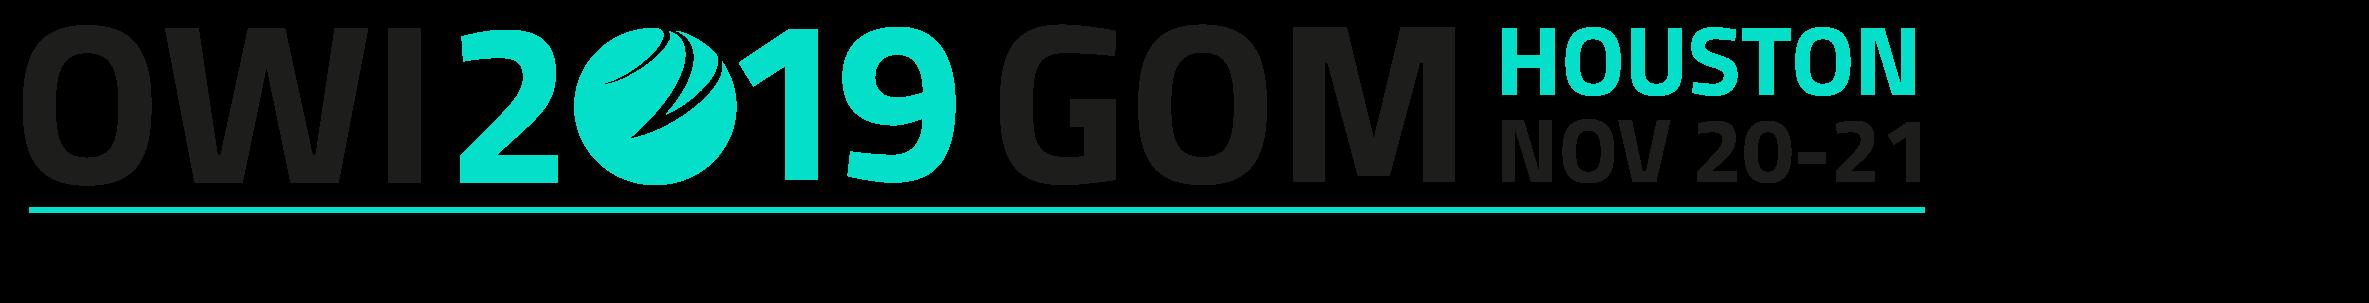 OWI GOM 2019